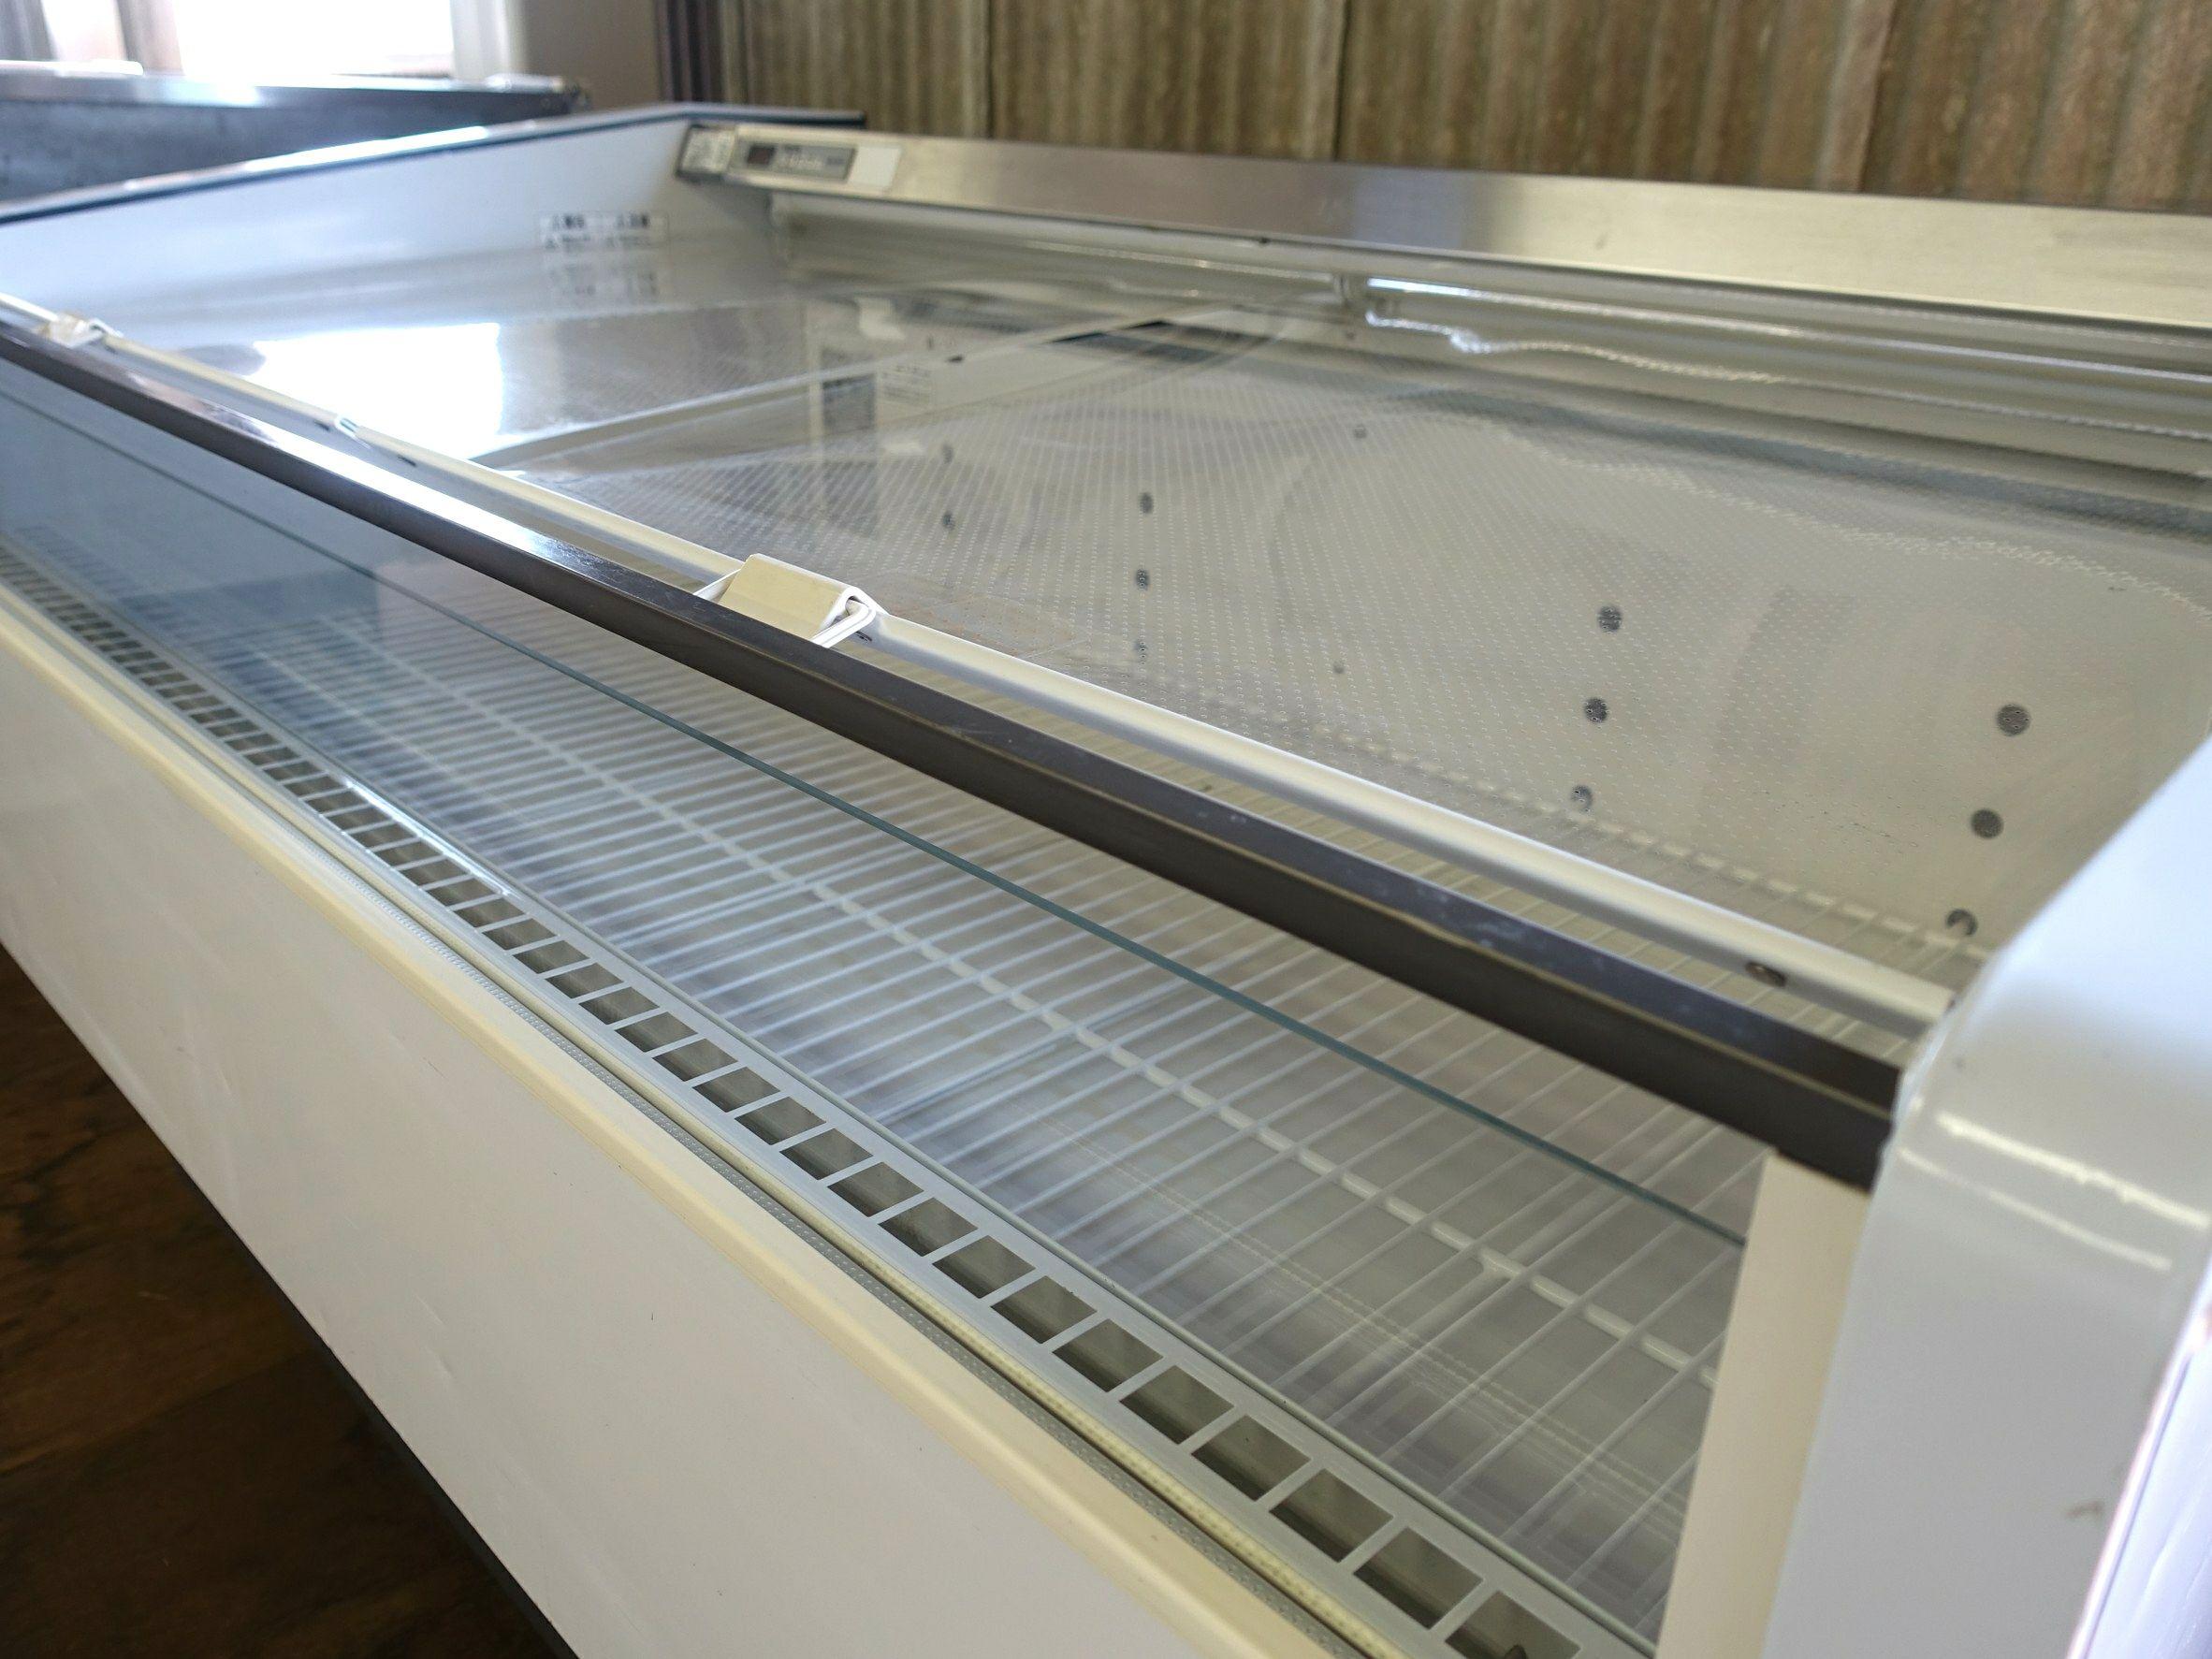 イベント出店用冷蔵ケース、ナイトカバー付き冷蔵ケースのご紹介